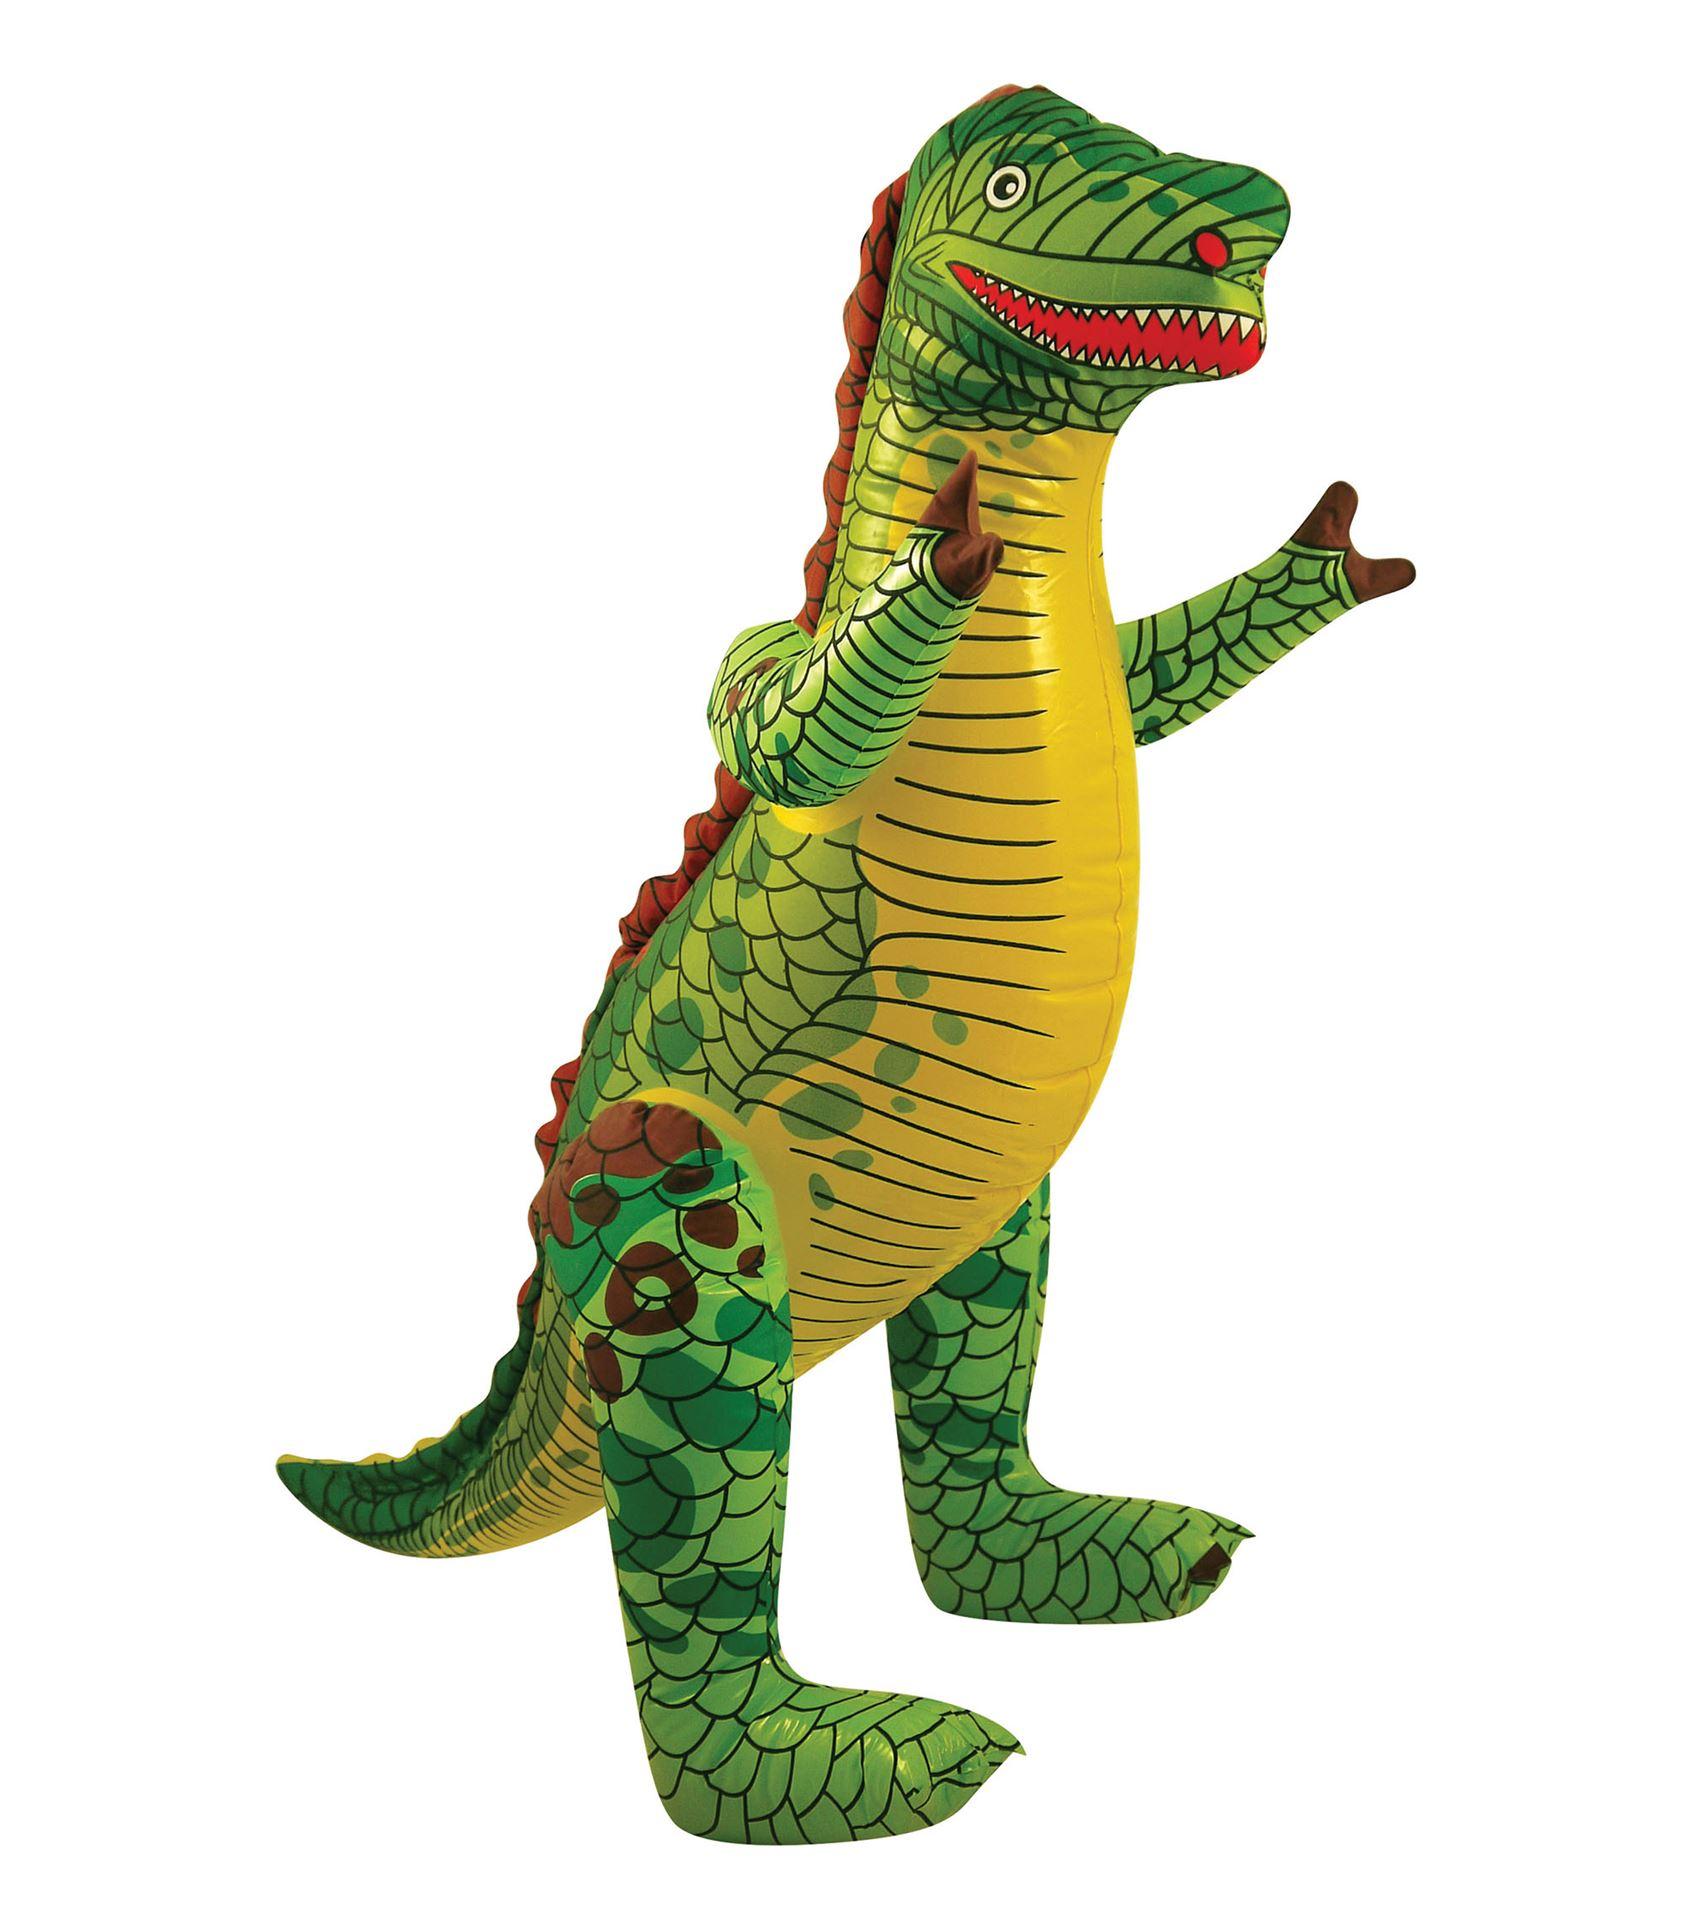 63c21b42e Dinosaurio hinchable 76cm✅ por sólo 4,30 €. Tienda Online. Envío en ...